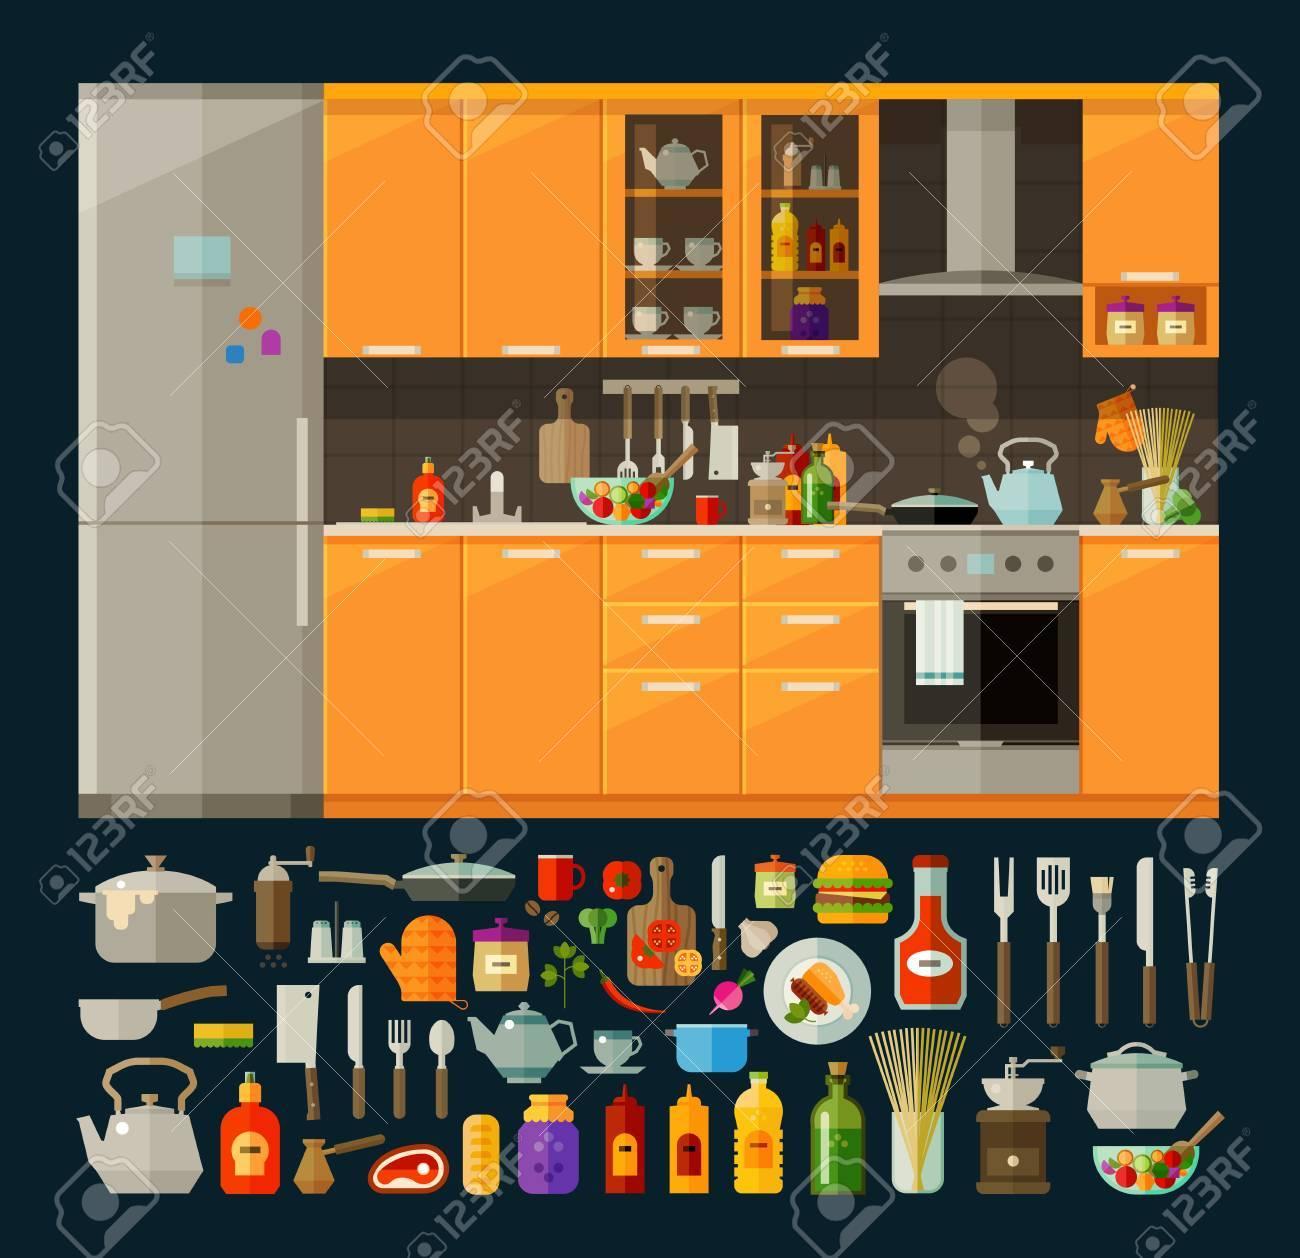 Muebles Modernos De Cocina Y Utensilios, Comida. Vector. Ilustración ...